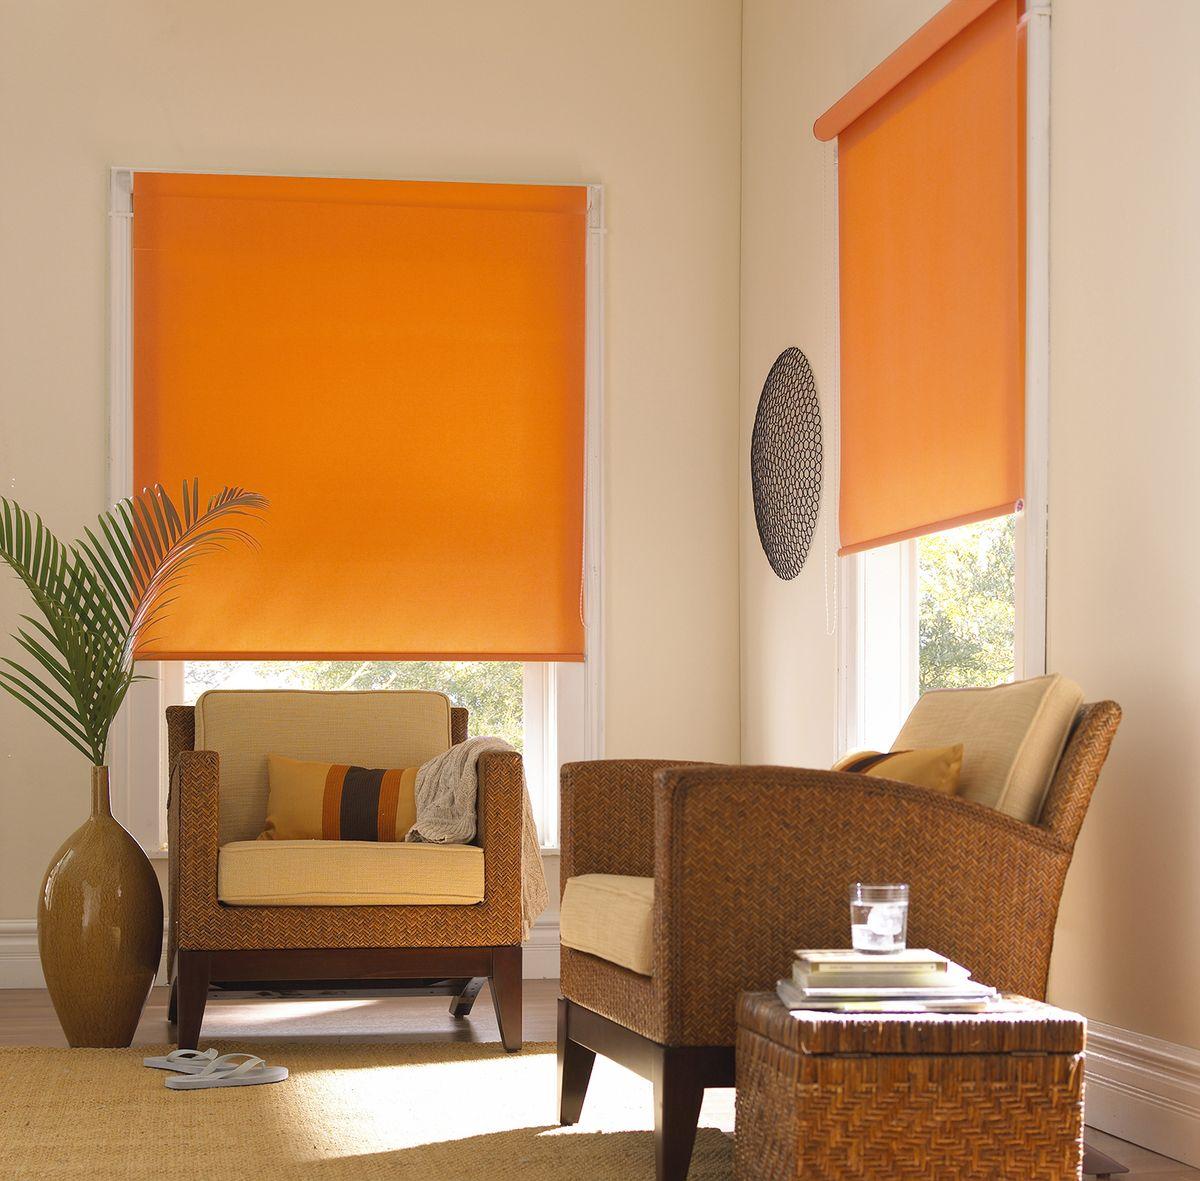 Штора рулонная Эскар Миниролло, цвет: апельсин, ширина 62 см, высота 170 см1004900000360Рулонная штора Эскар Миниролло выполнена из высокопрочной ткани, которая сохраняет свой размер даже при намокании. Ткань не выцветает и обладает отличной цветоустойчивостью.Миниролло - это подвид рулонных штор, который закрывает не весь оконный проем, а непосредственно само стекло. Такие шторы крепятся на раму без сверления при помощи зажимов или клейкой двухсторонней ленты (в комплекте). Окно остается на гарантии, благодаря монтажу без сверления. Такая штора станет прекрасным элементом декора окна и гармонично впишется в интерьер любого помещения.